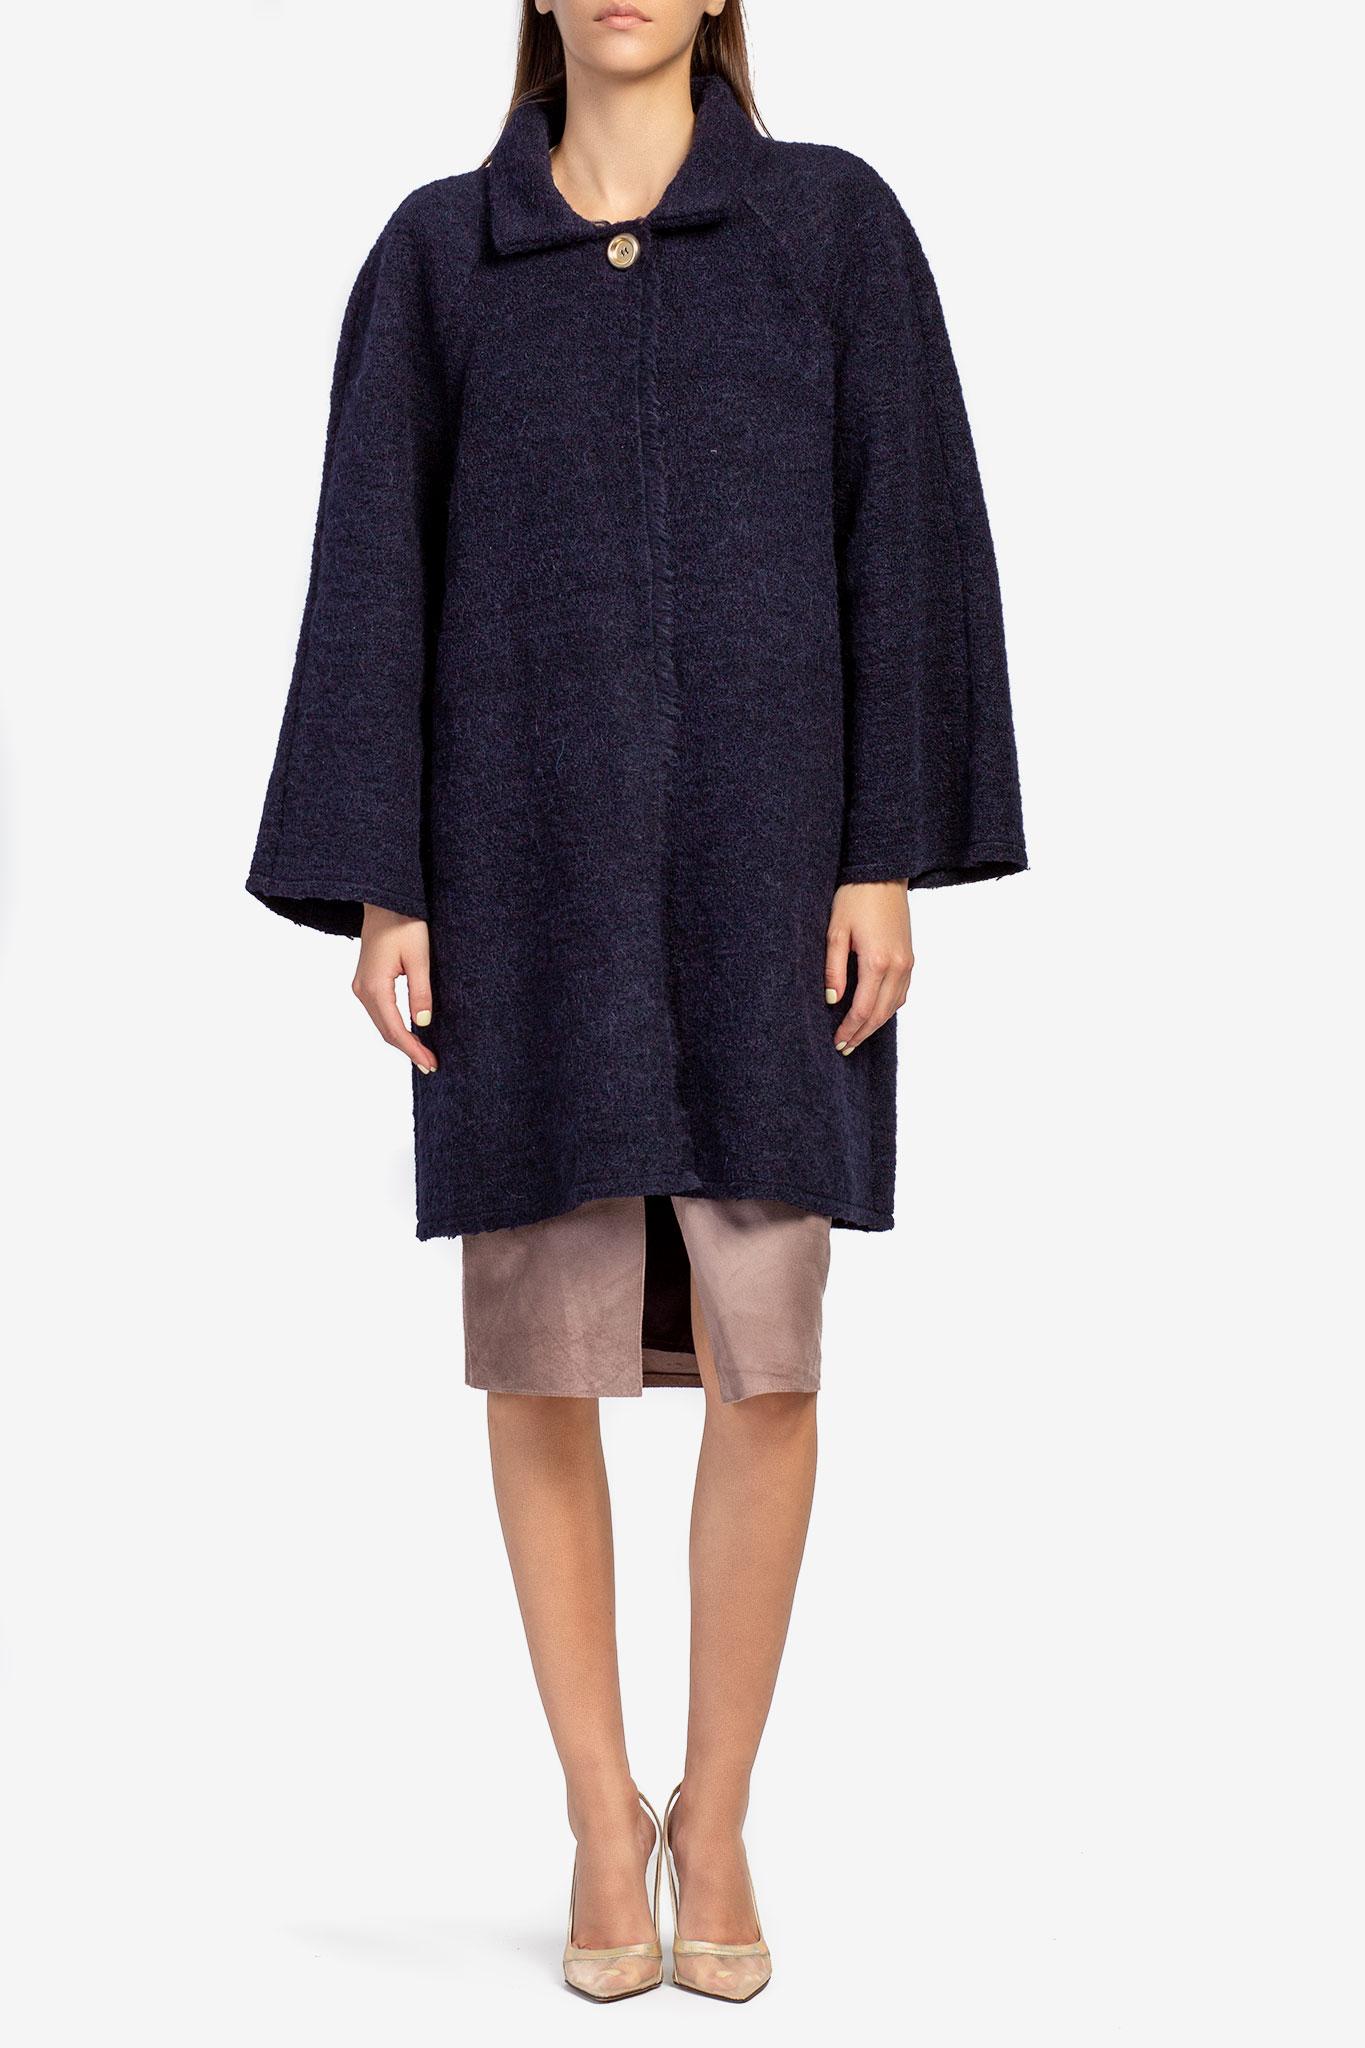 Cardigan din lana bleumarin Acob a Porter imagine 0